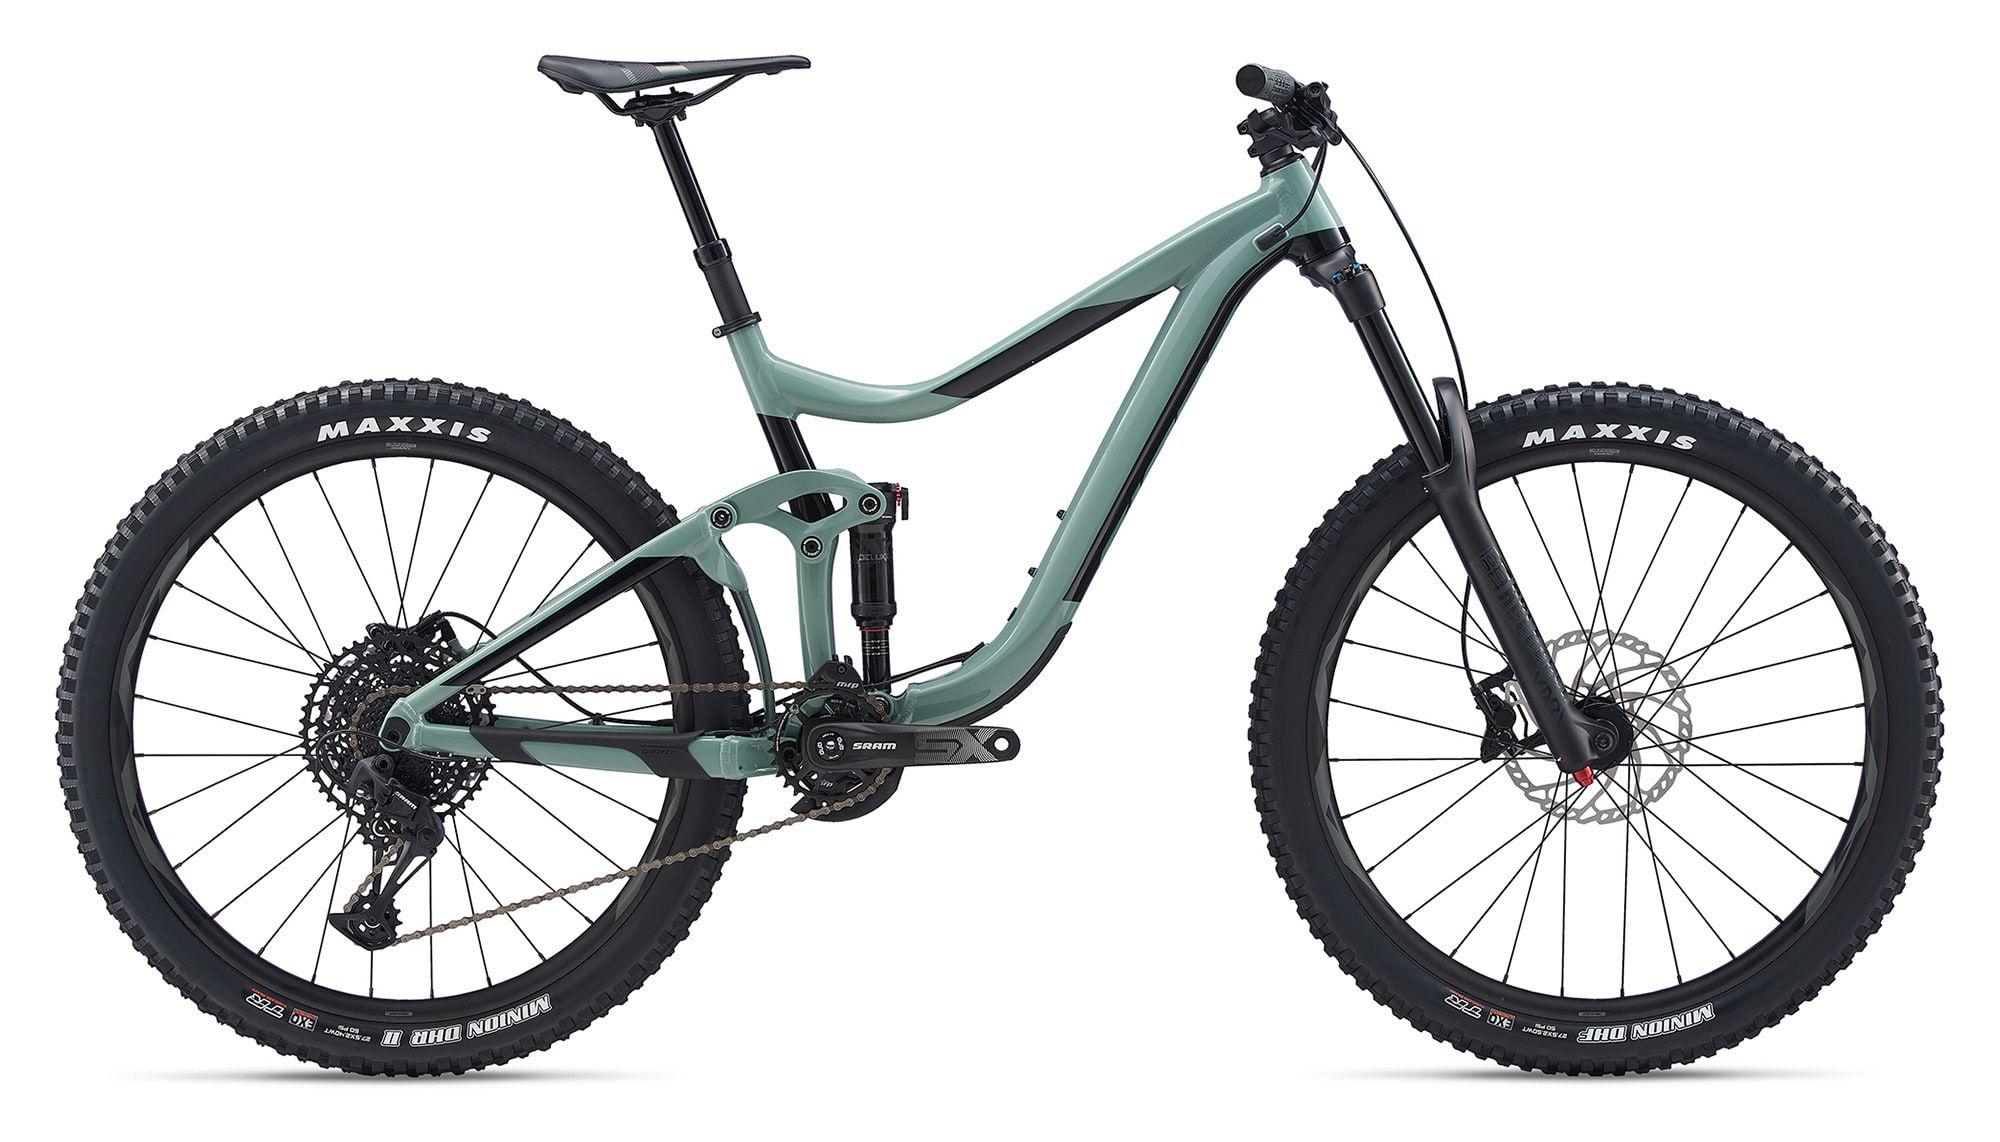 Giant Reign 2 650b Mountain Bike 2020 | Mountainbikes